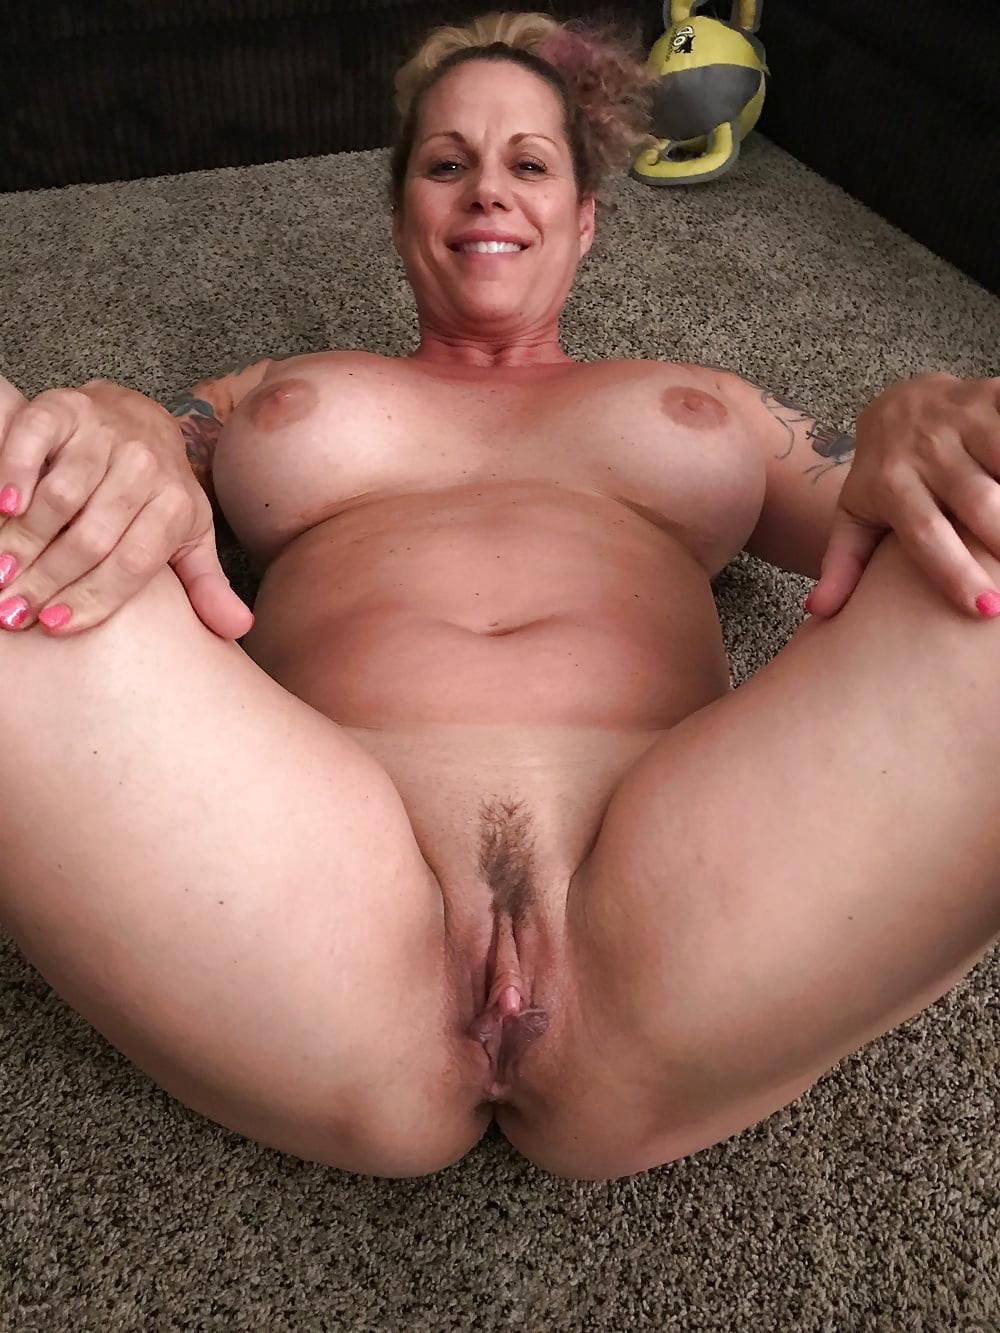 Victoria beckham boob pics